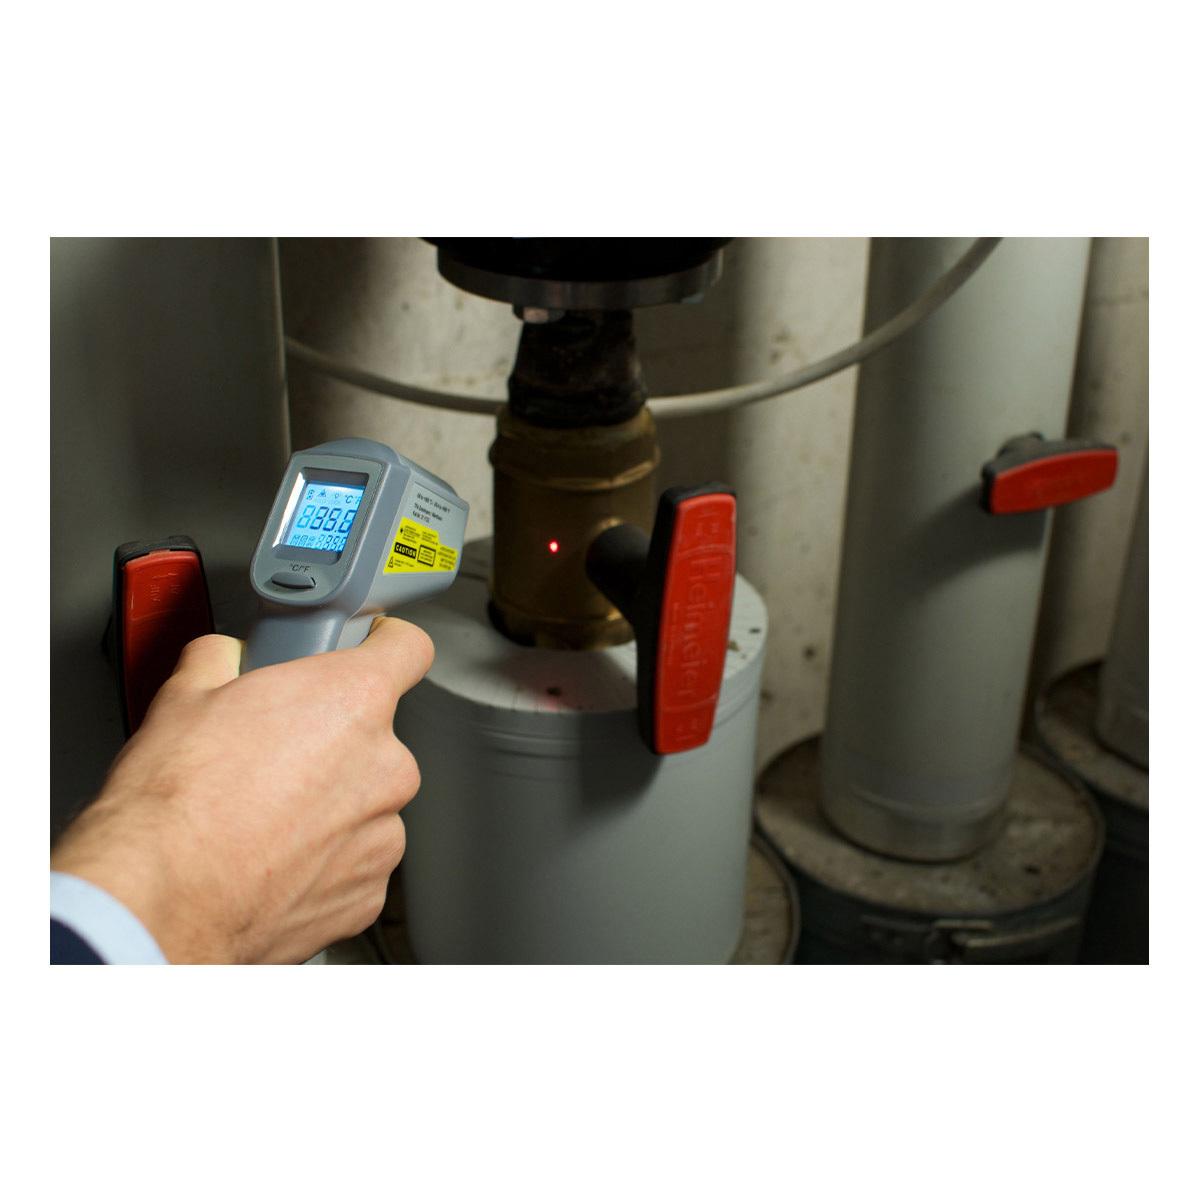 31-1132-infrarot-thermometer-beam-anwendung1-1200x1200px.jpg